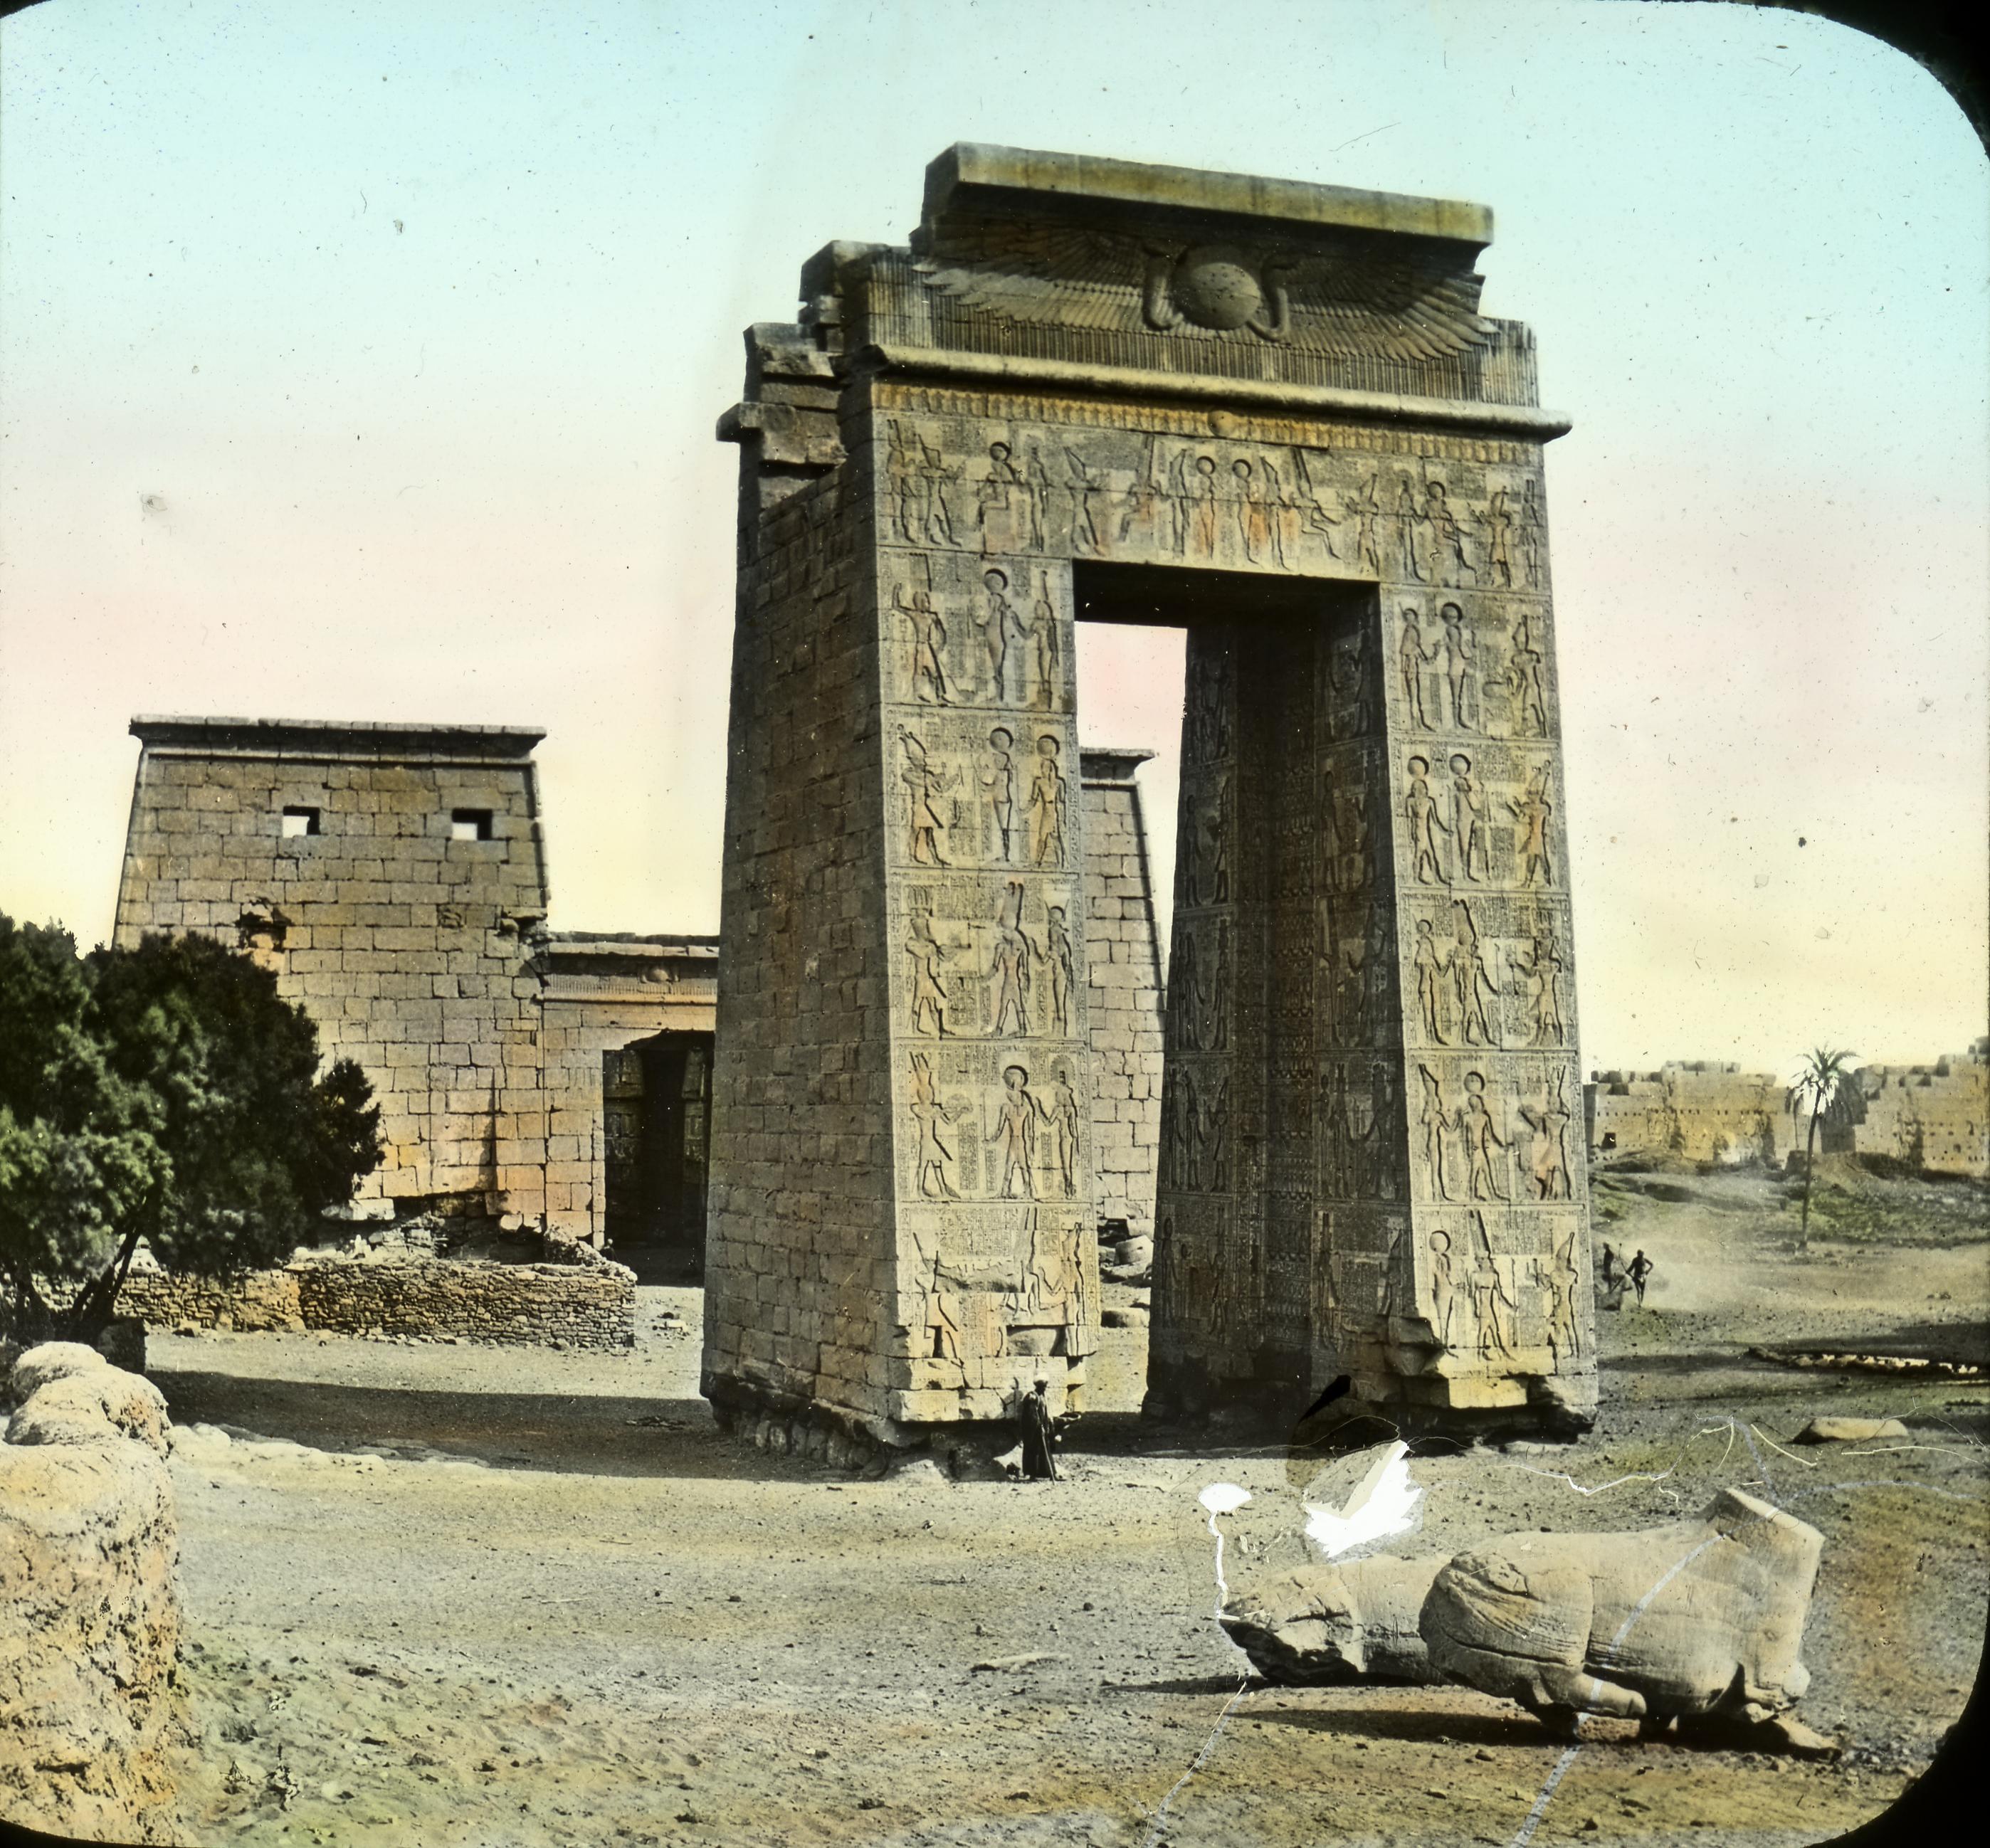 Datei:S10.08 Karnak, image 9922.jpg – Wikipedia